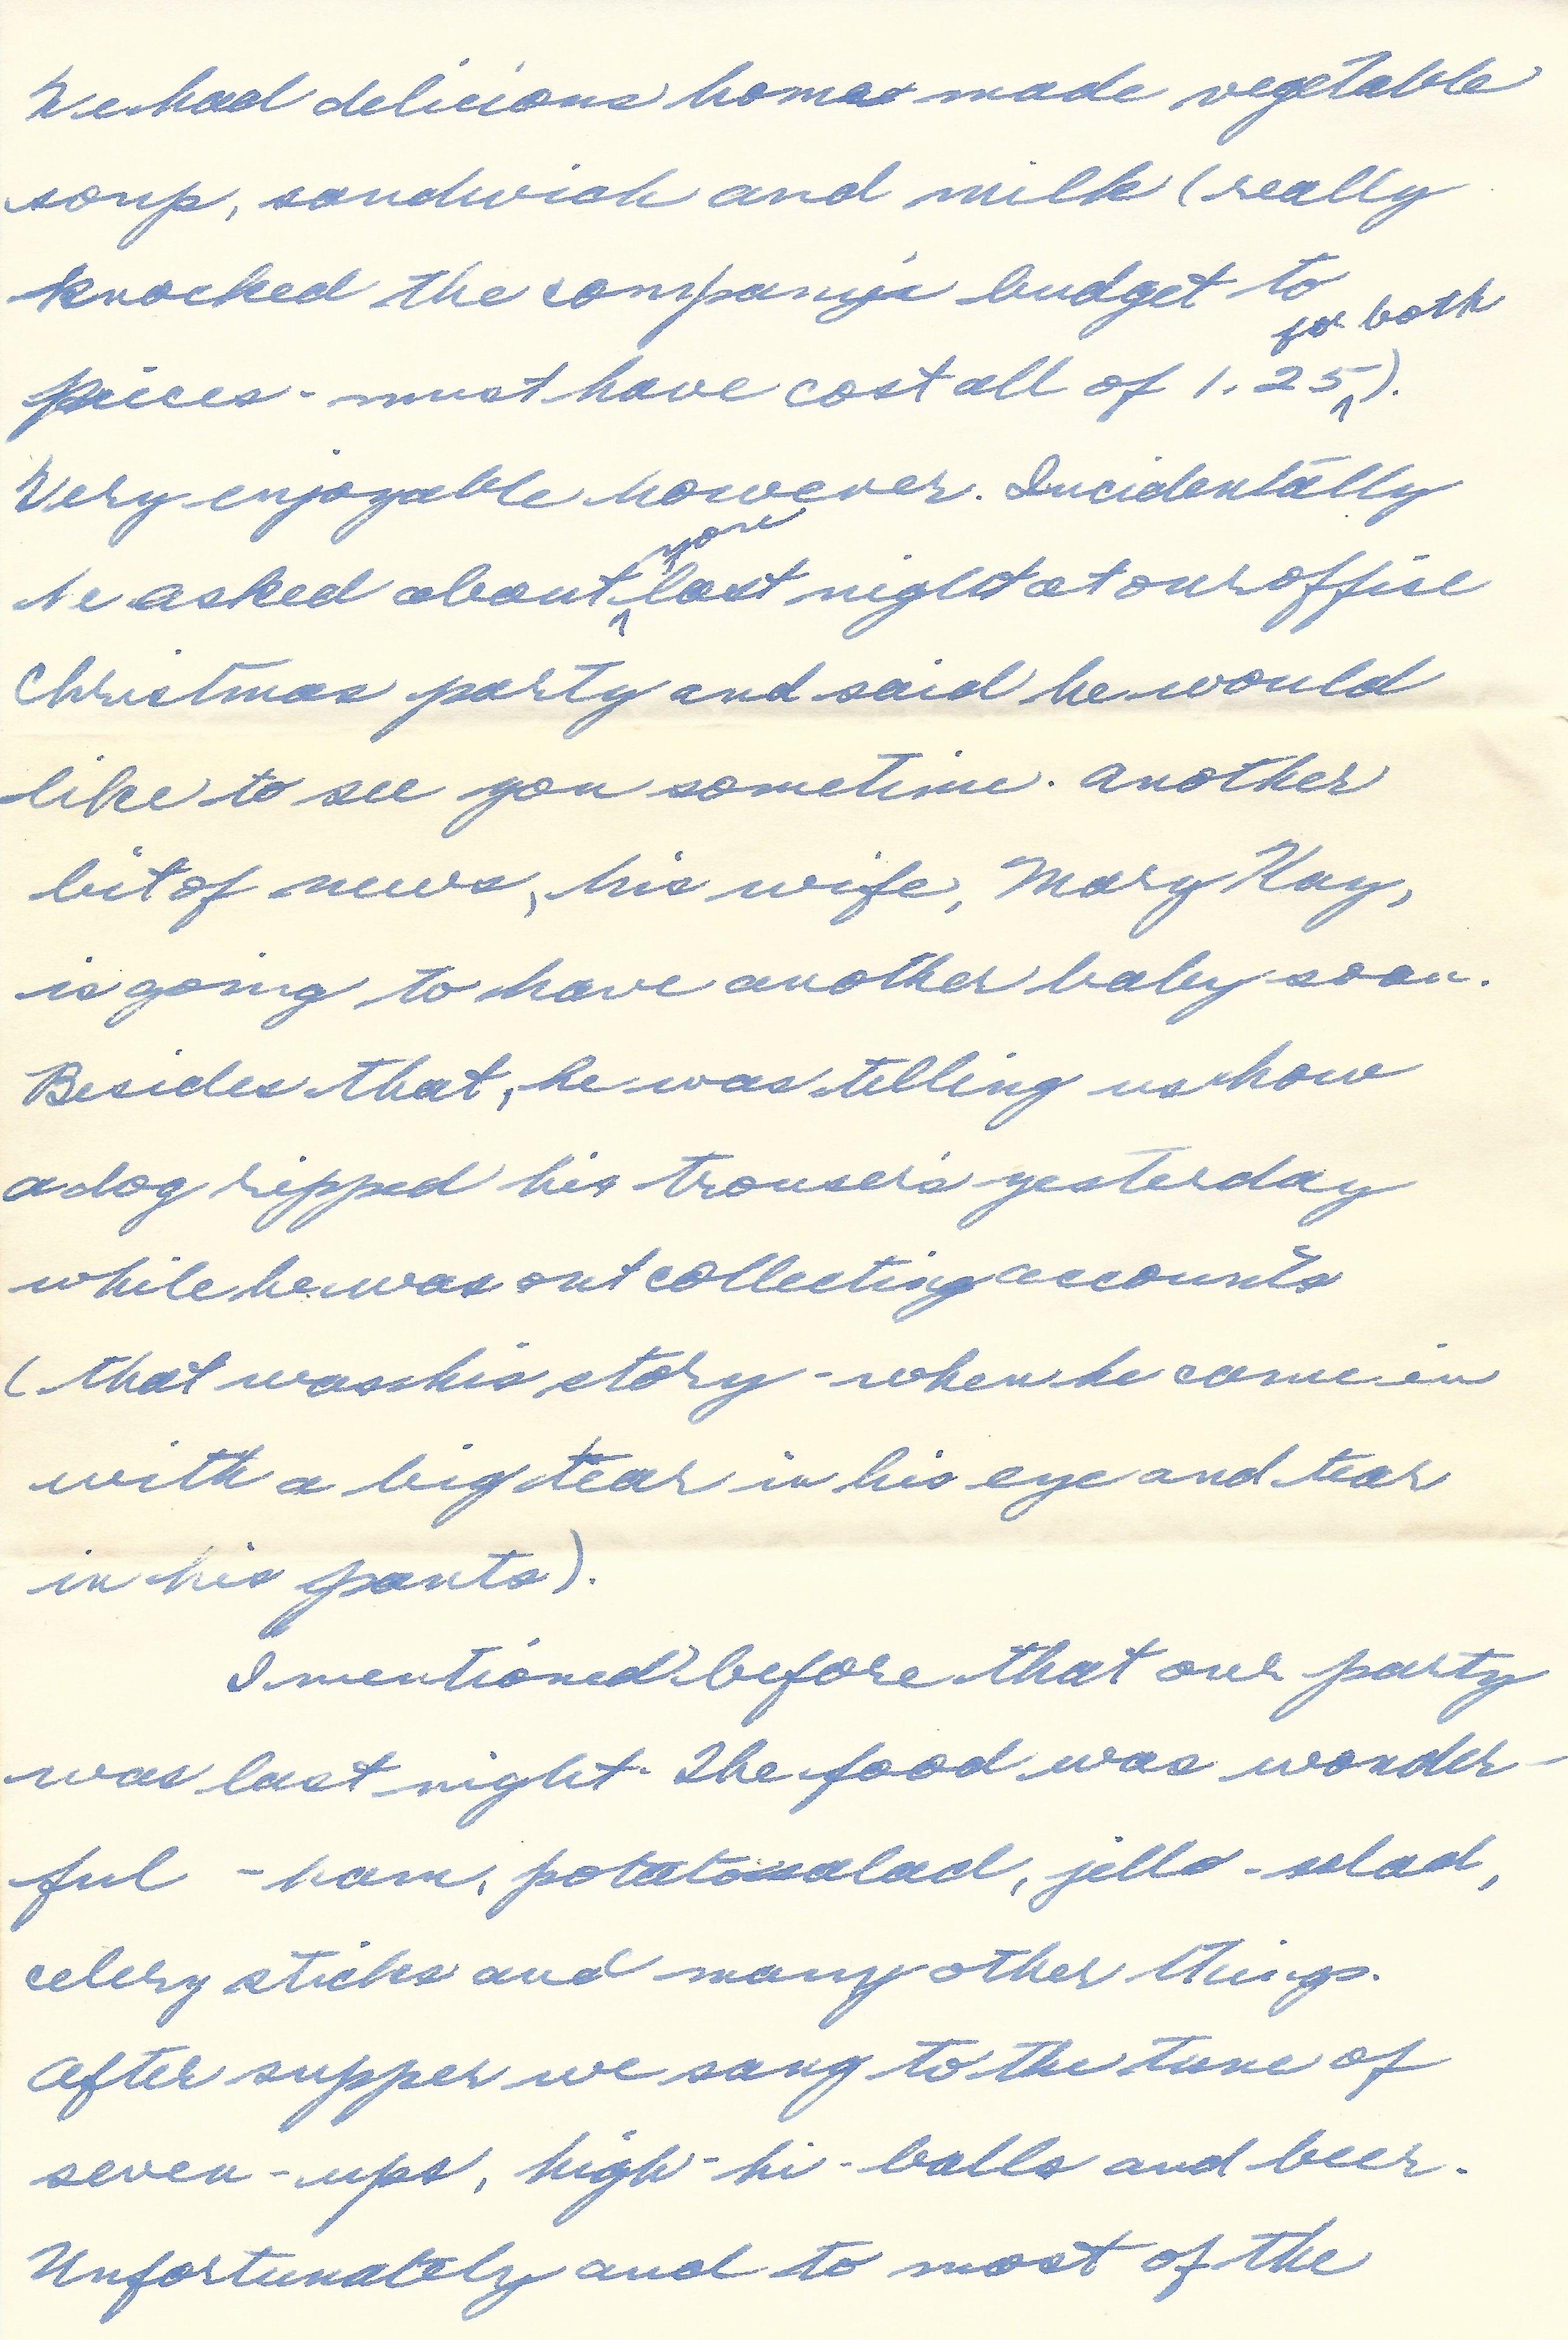 4. Dec. 16, 1952 (Oma)_Page_4.jpg